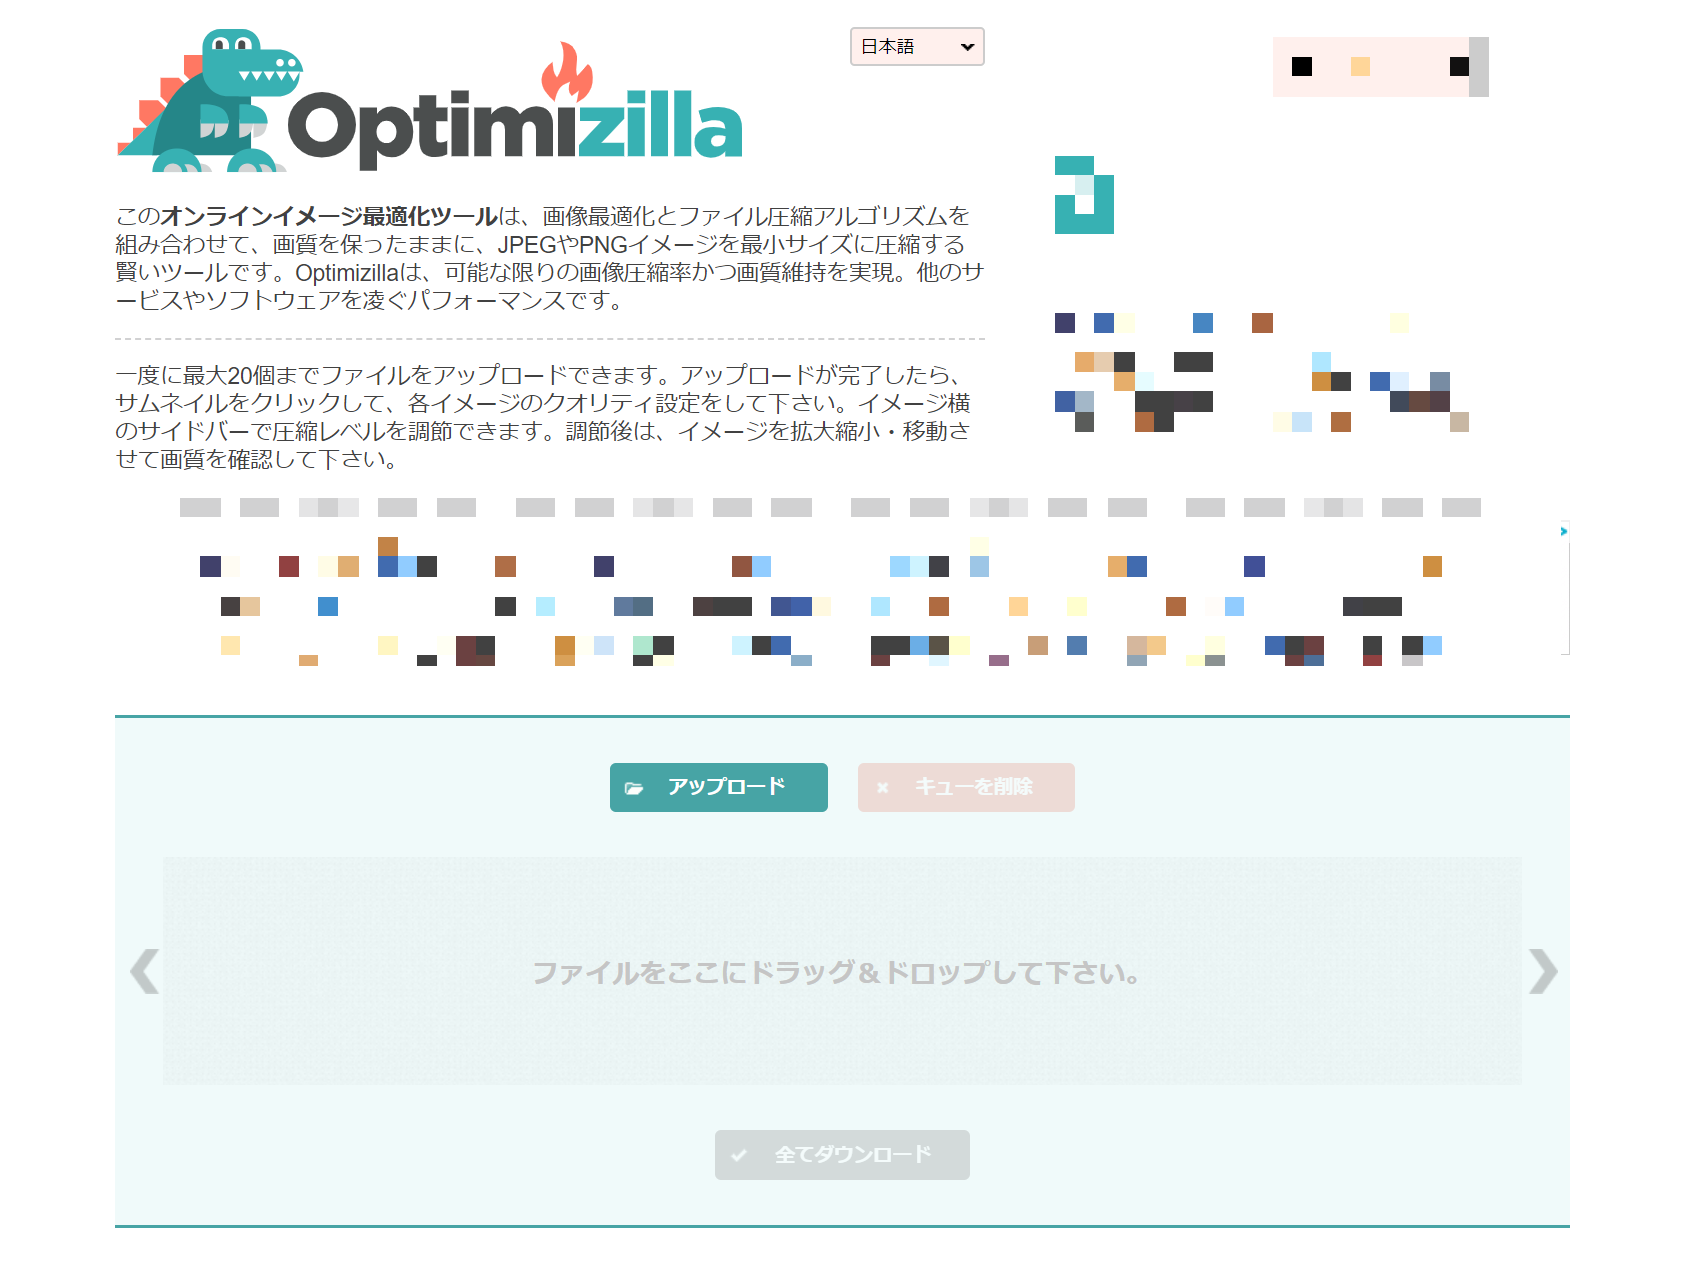 Optimizilla~リッチメニュー画像のサイズを軽くする~